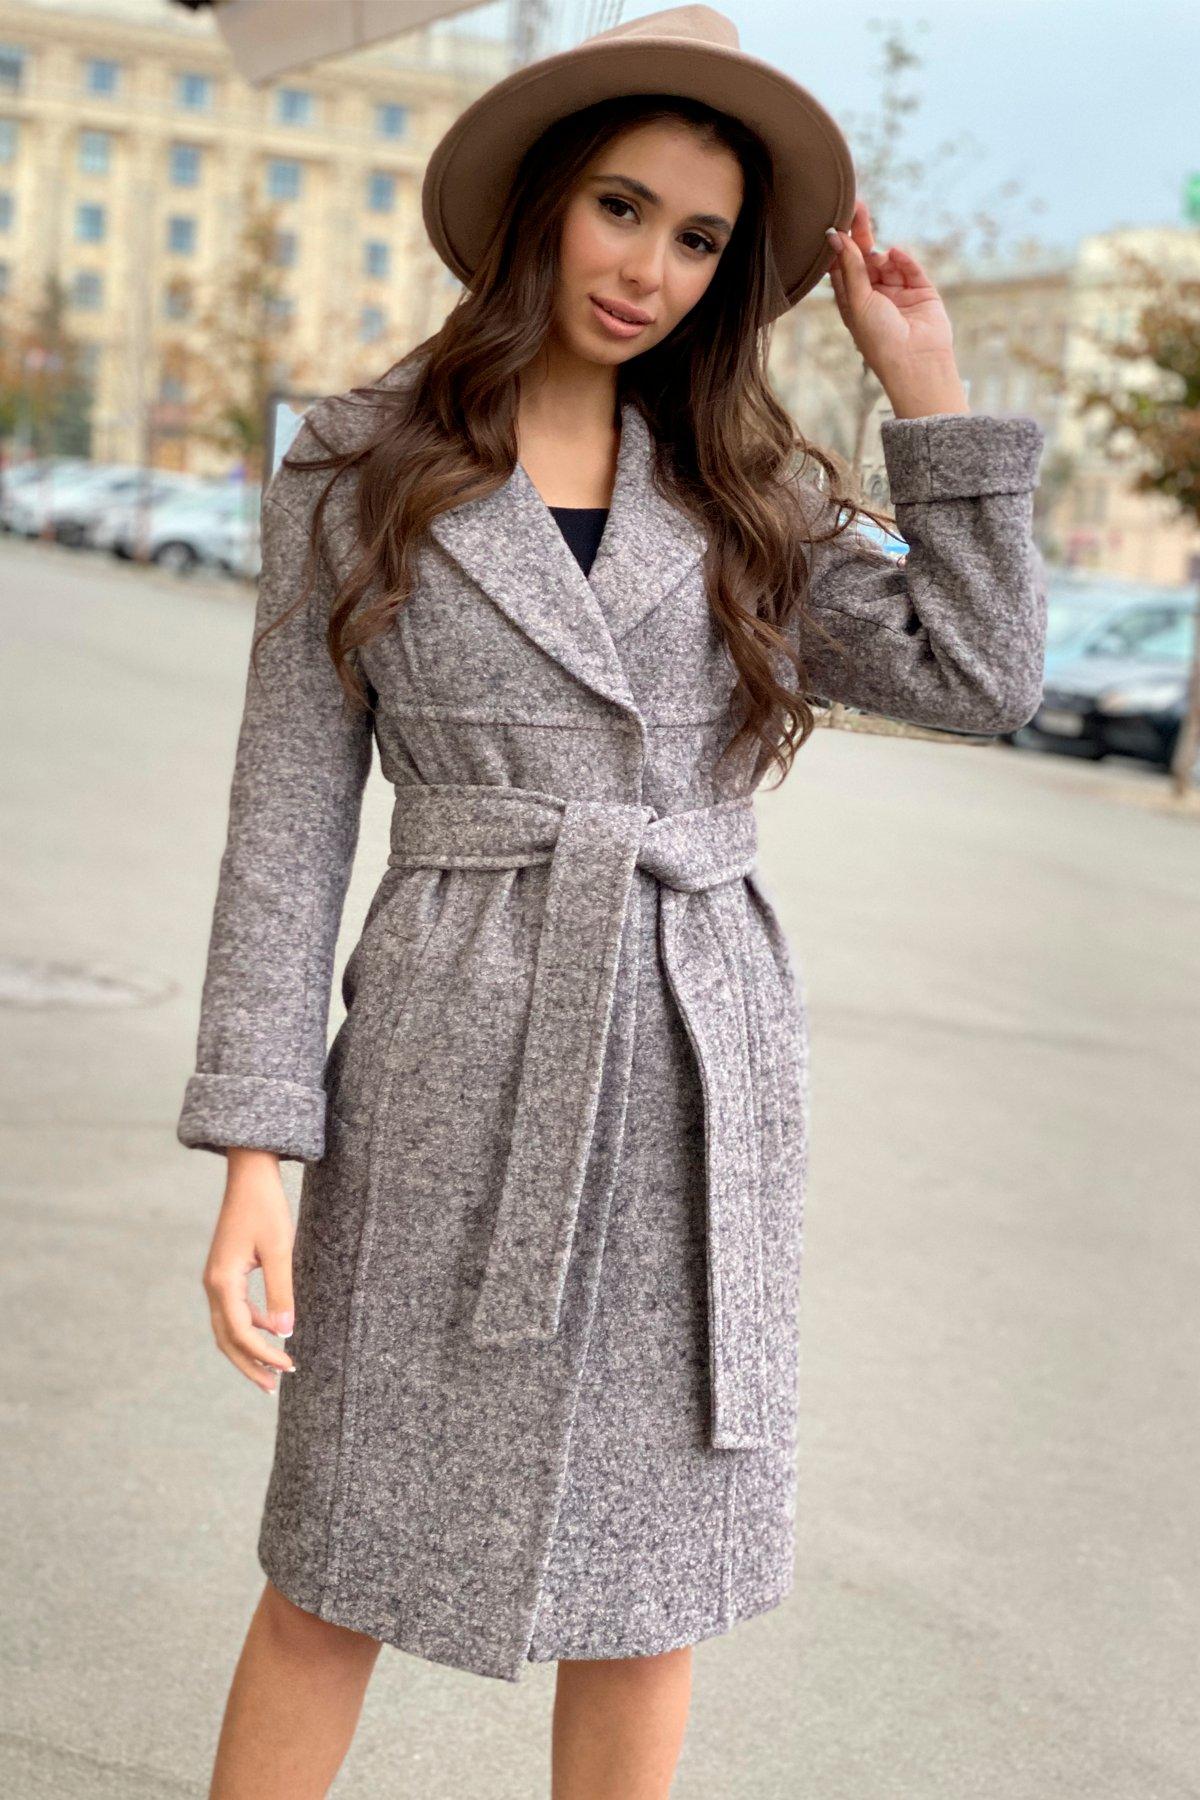 Пальто весна-осень c приспущенной линией плеча Фентези лайт 6365 АРТ. 41230 Цвет: Серо-розовый LW-25 - фото 10, интернет магазин tm-modus.ru